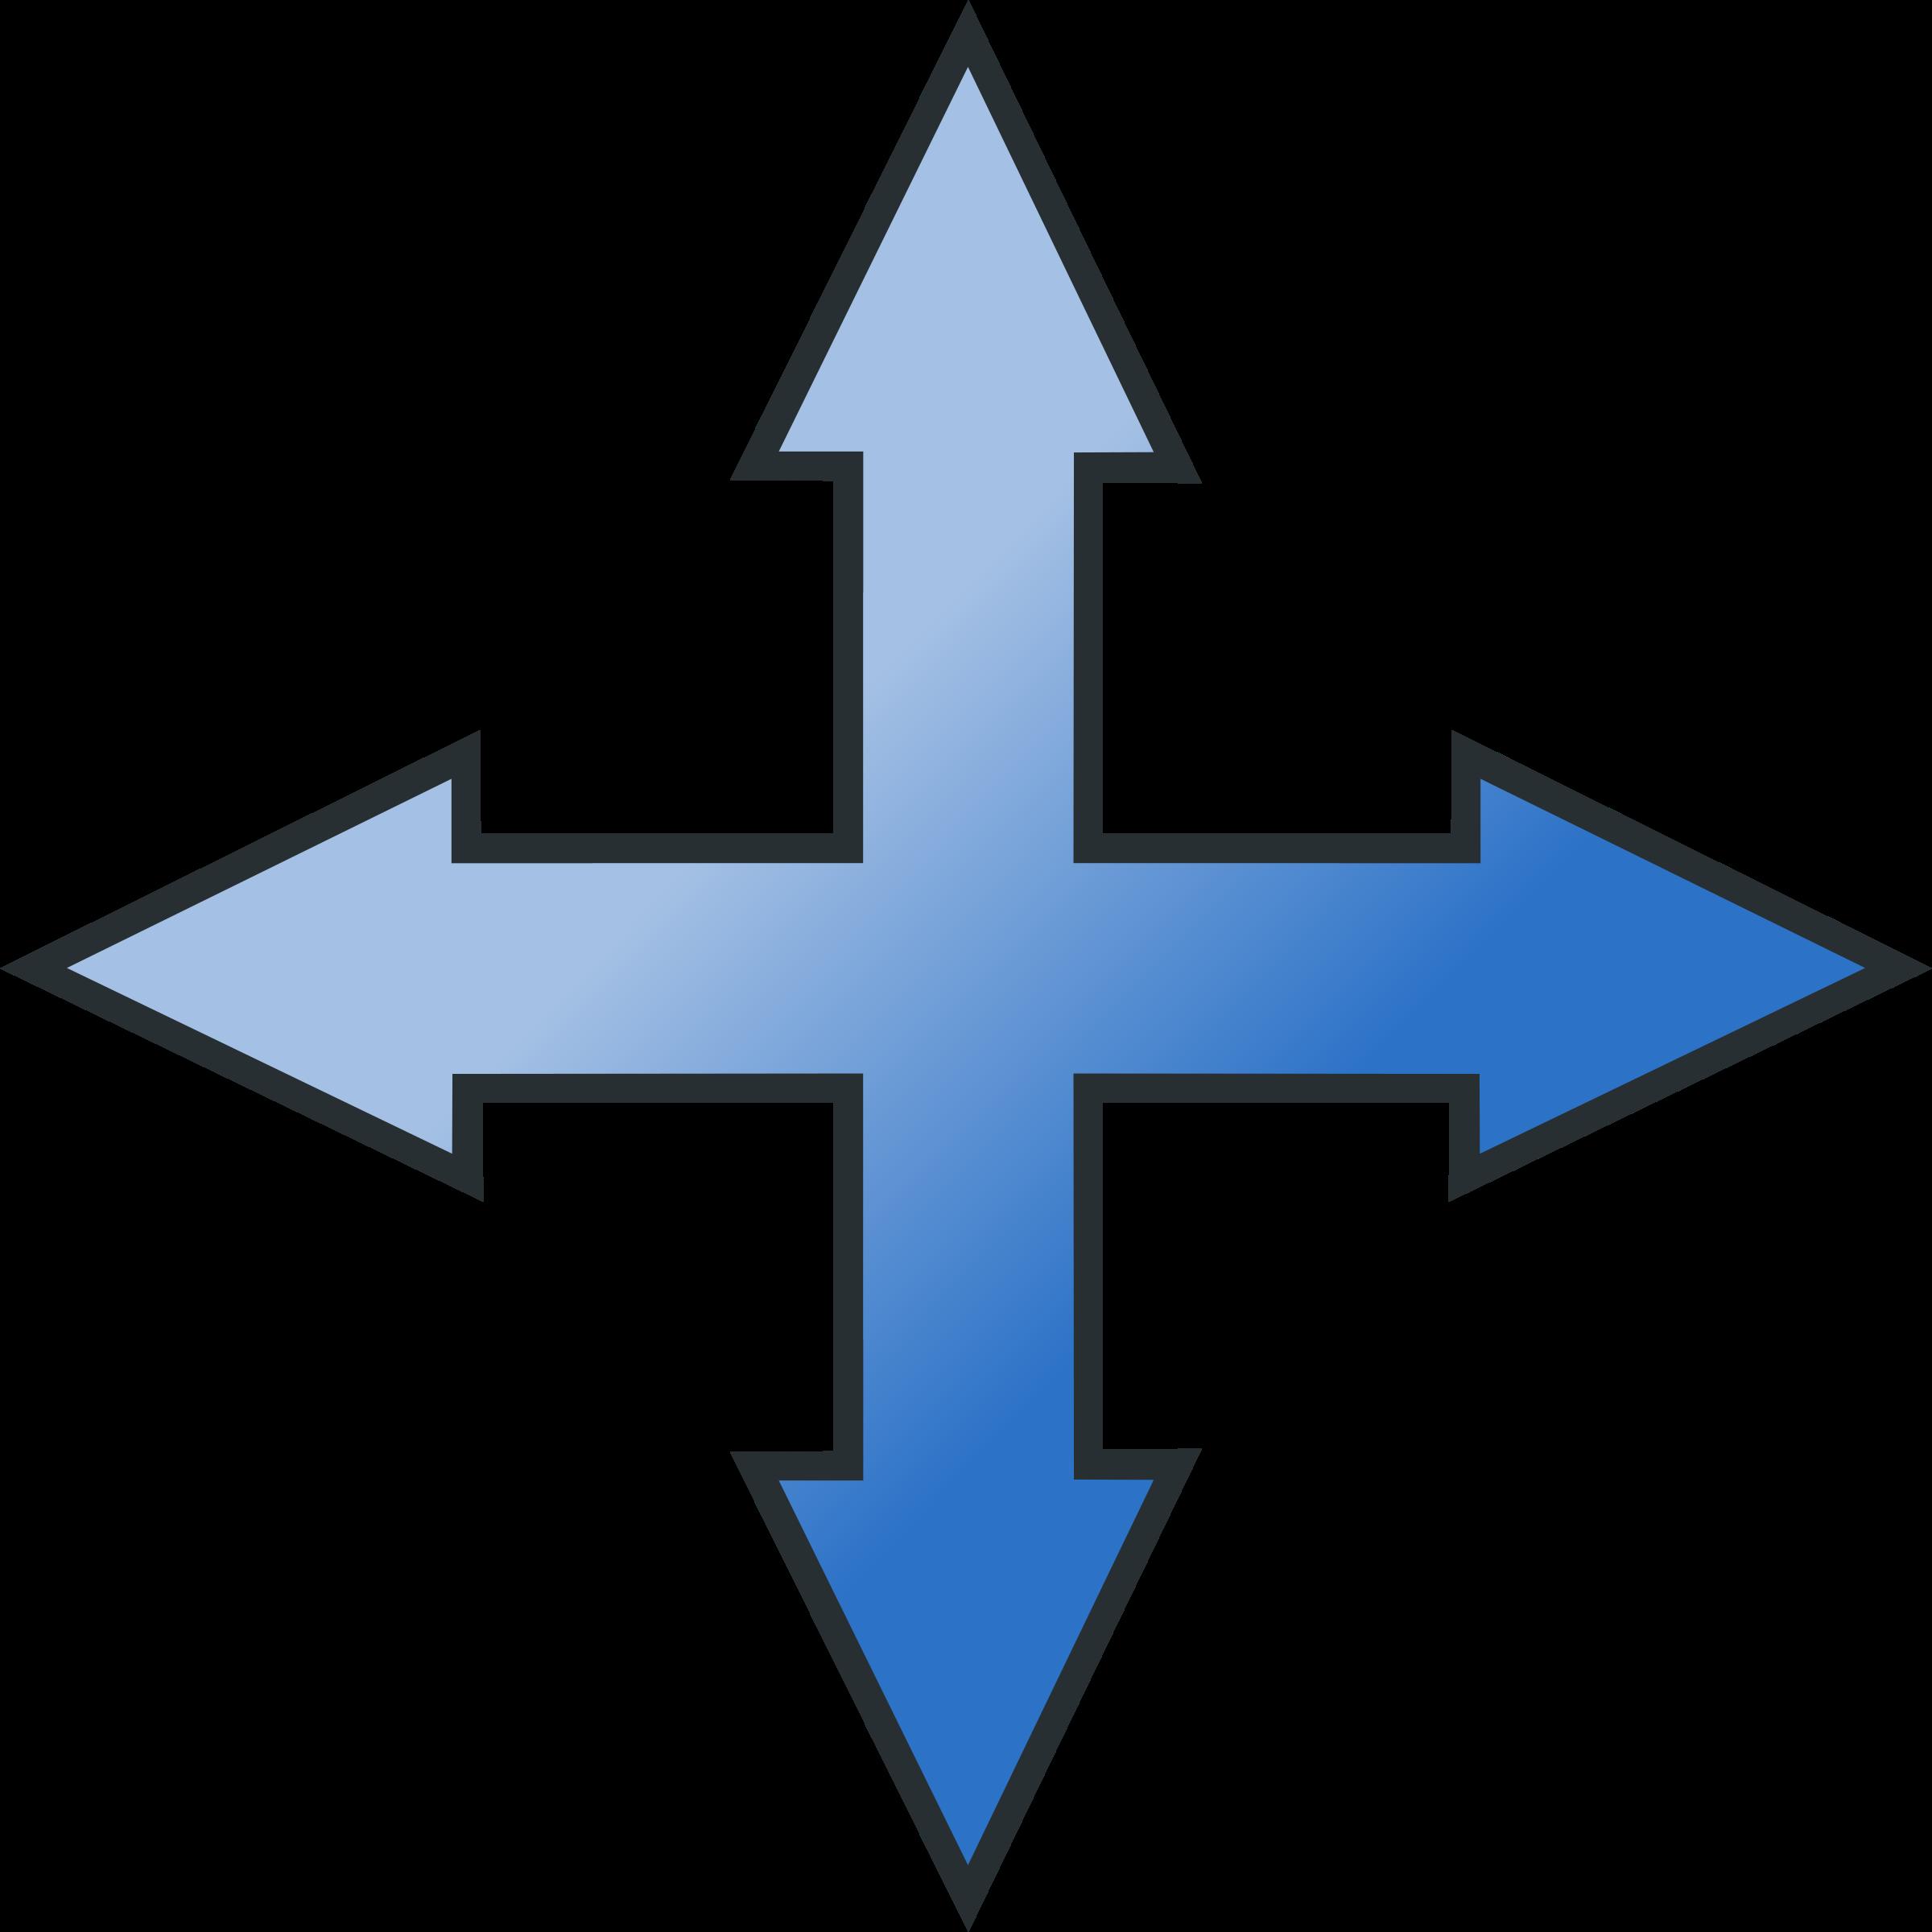 Arrow cross clipart jpg library stock Clipart - Move or Resize Arrow Icon jpg library stock